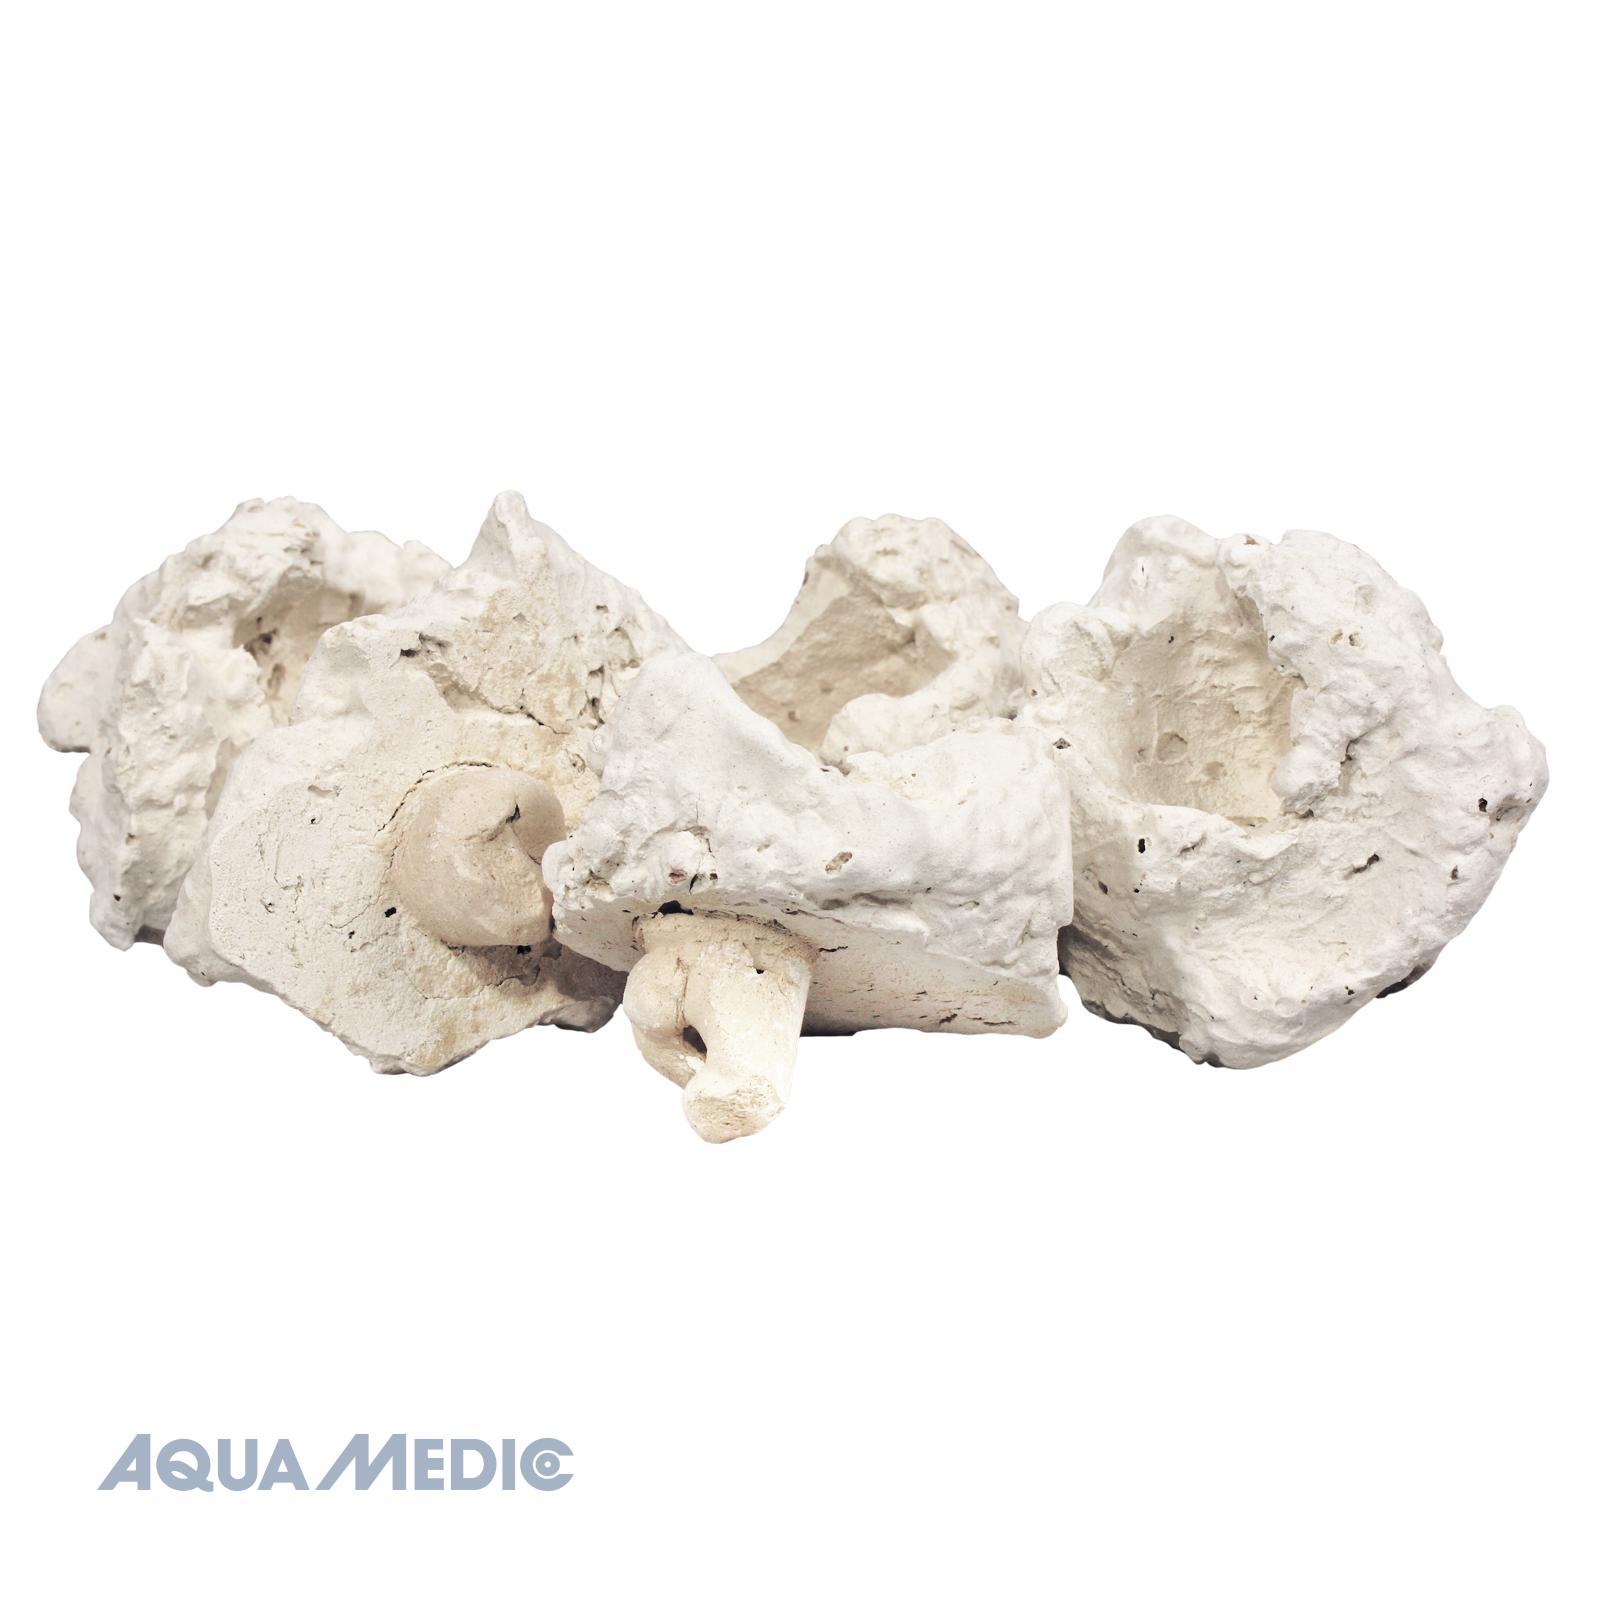 aqua medic frag board